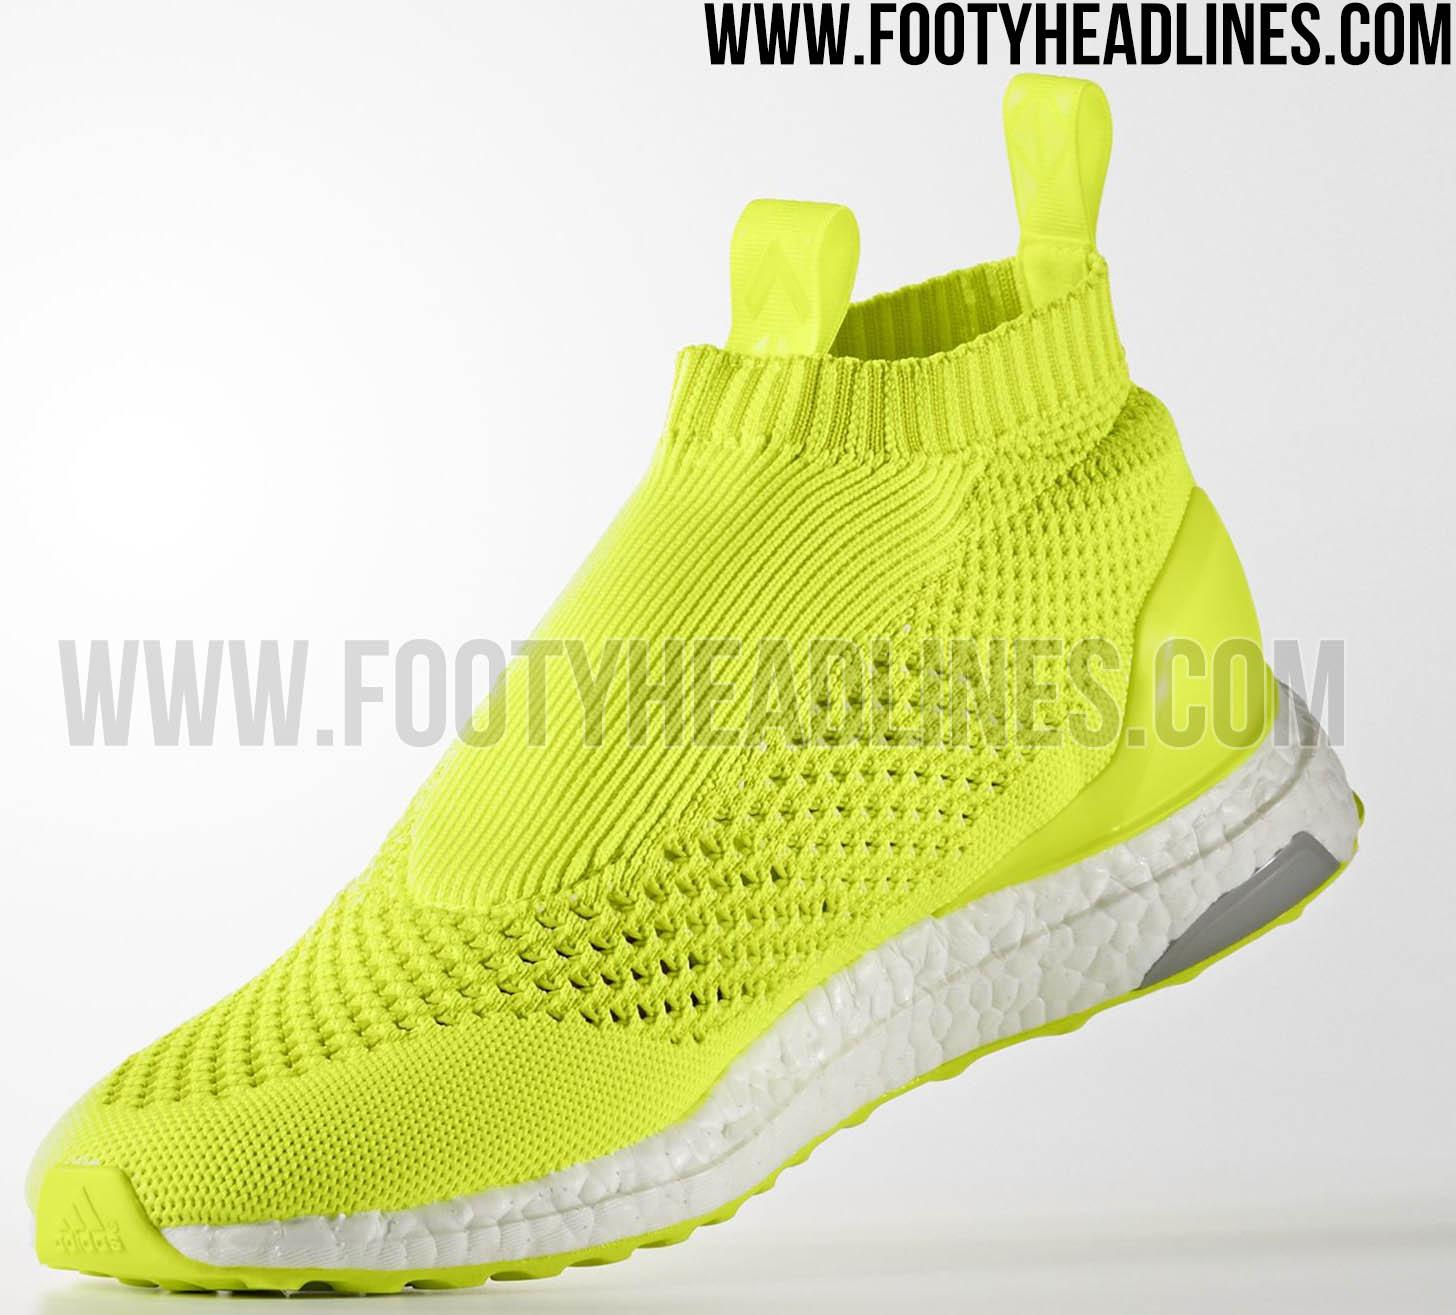 separation shoes 36bdf 47764 Siêu phẩm giày chạy bộ không dây Adidas Ace 16+ Purecontrol